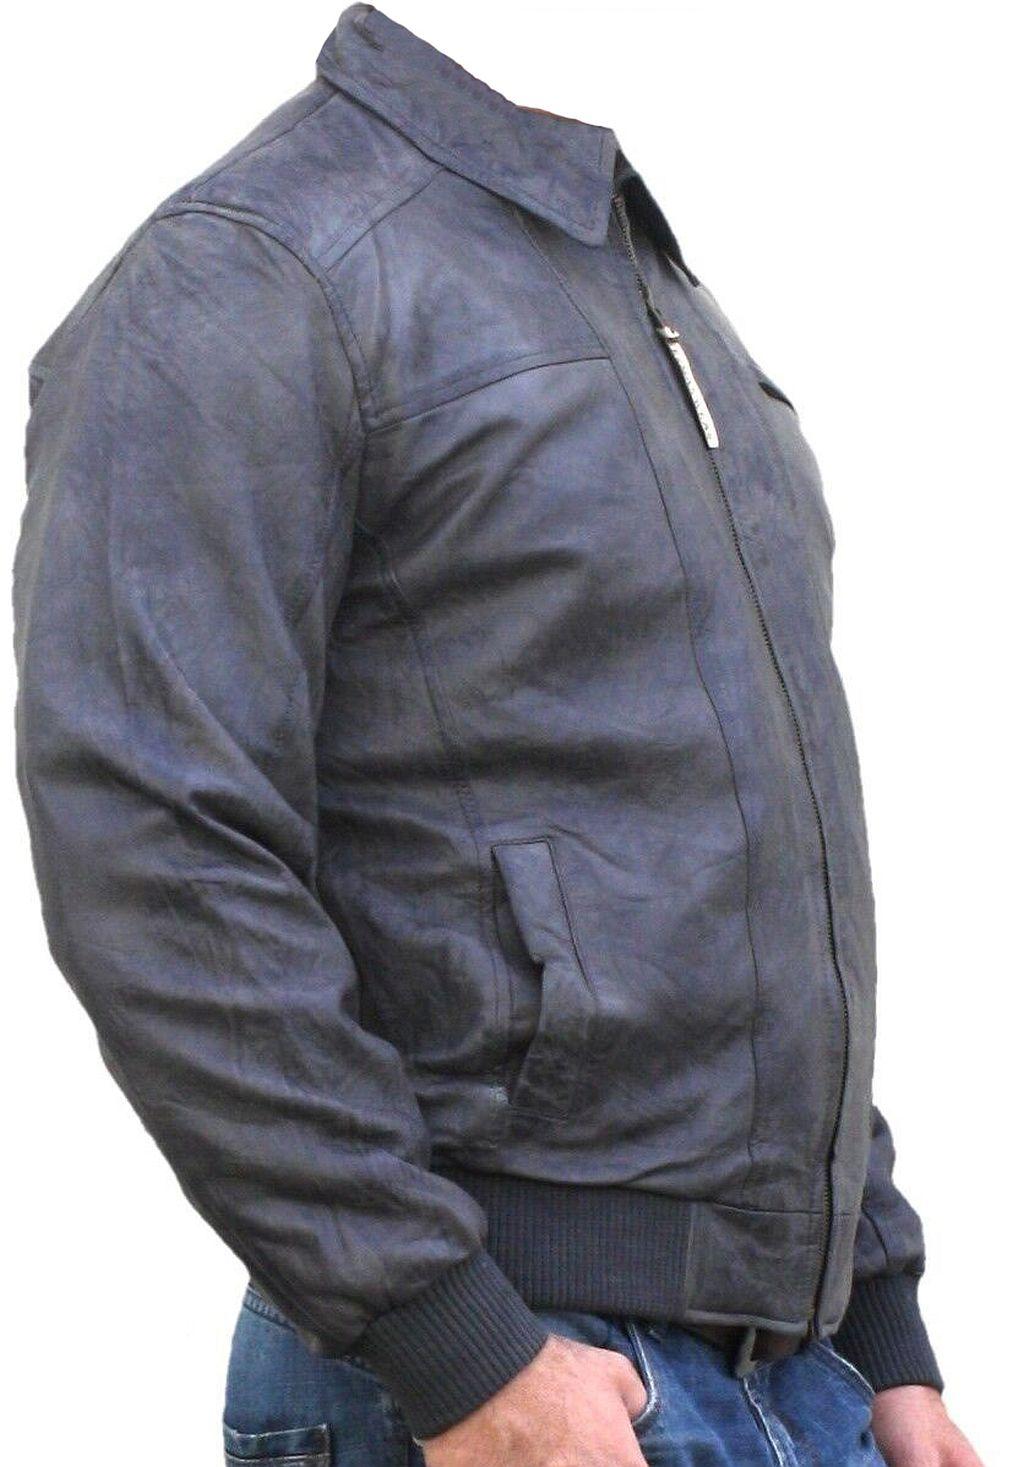 Herren Lederjacke Jacke Lamm Nappa Leder Grau 48 - 60 / S - 5 XL